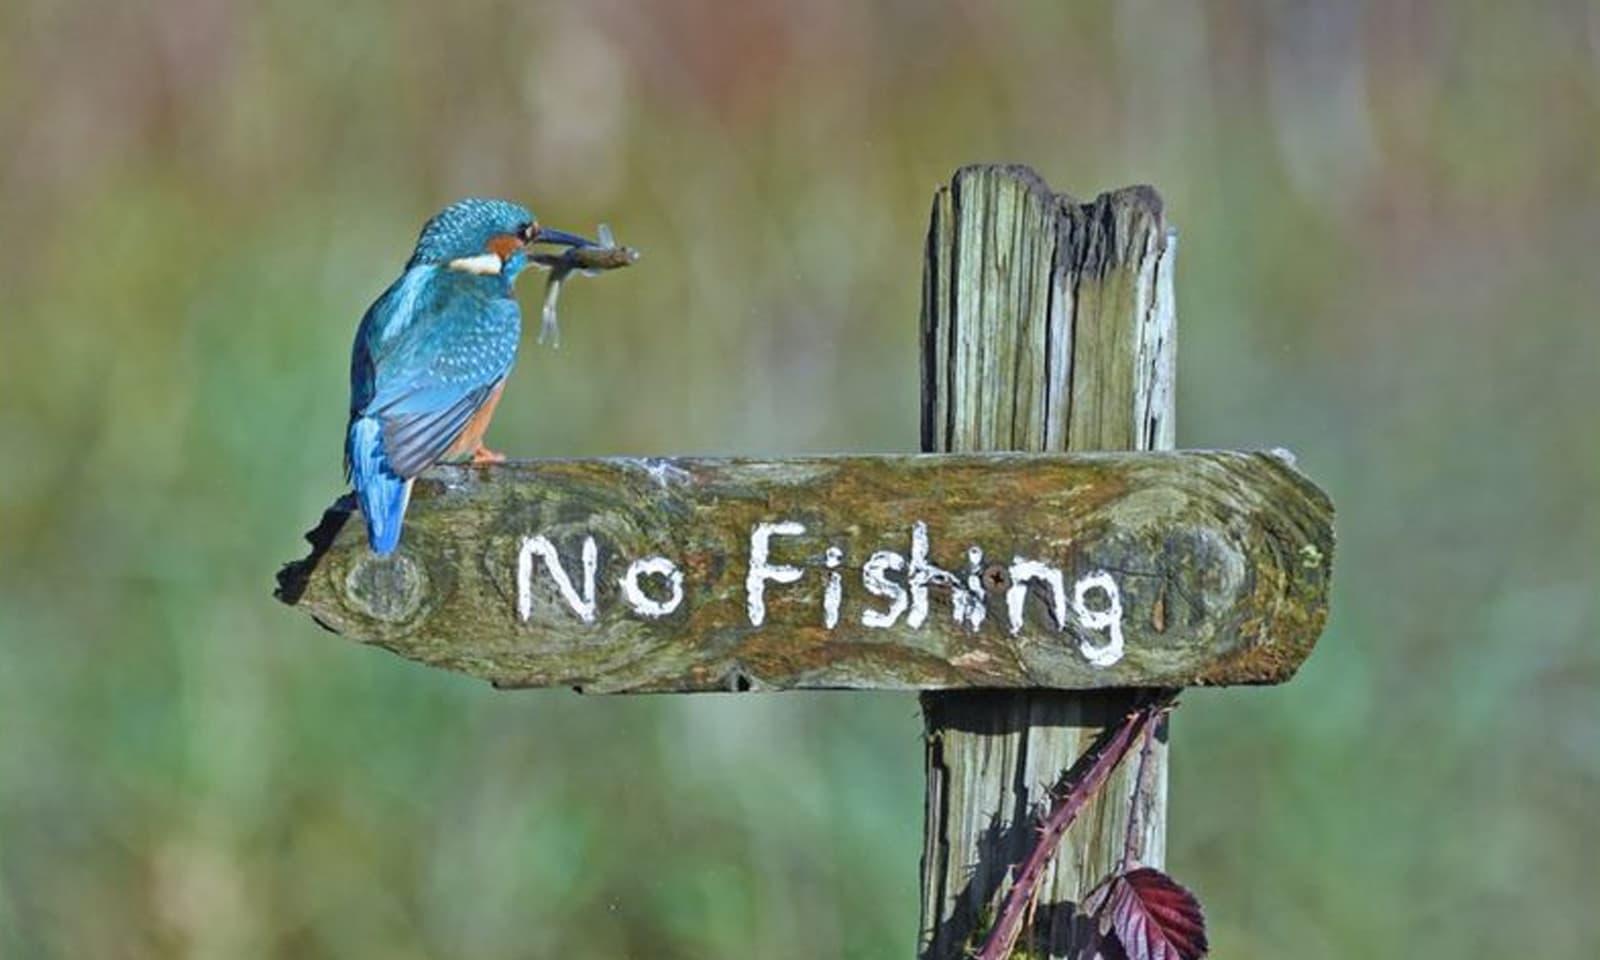 اسکاٹ لینڈ میں ایک پرندہ مچھلی کے شکار نہ کرنے کی تنبیہ کا مذاق اڑاتے ہوئے—فوٹو:سیلی جونز/کامیڈی وائلڈ لائف فوٹوگرافی